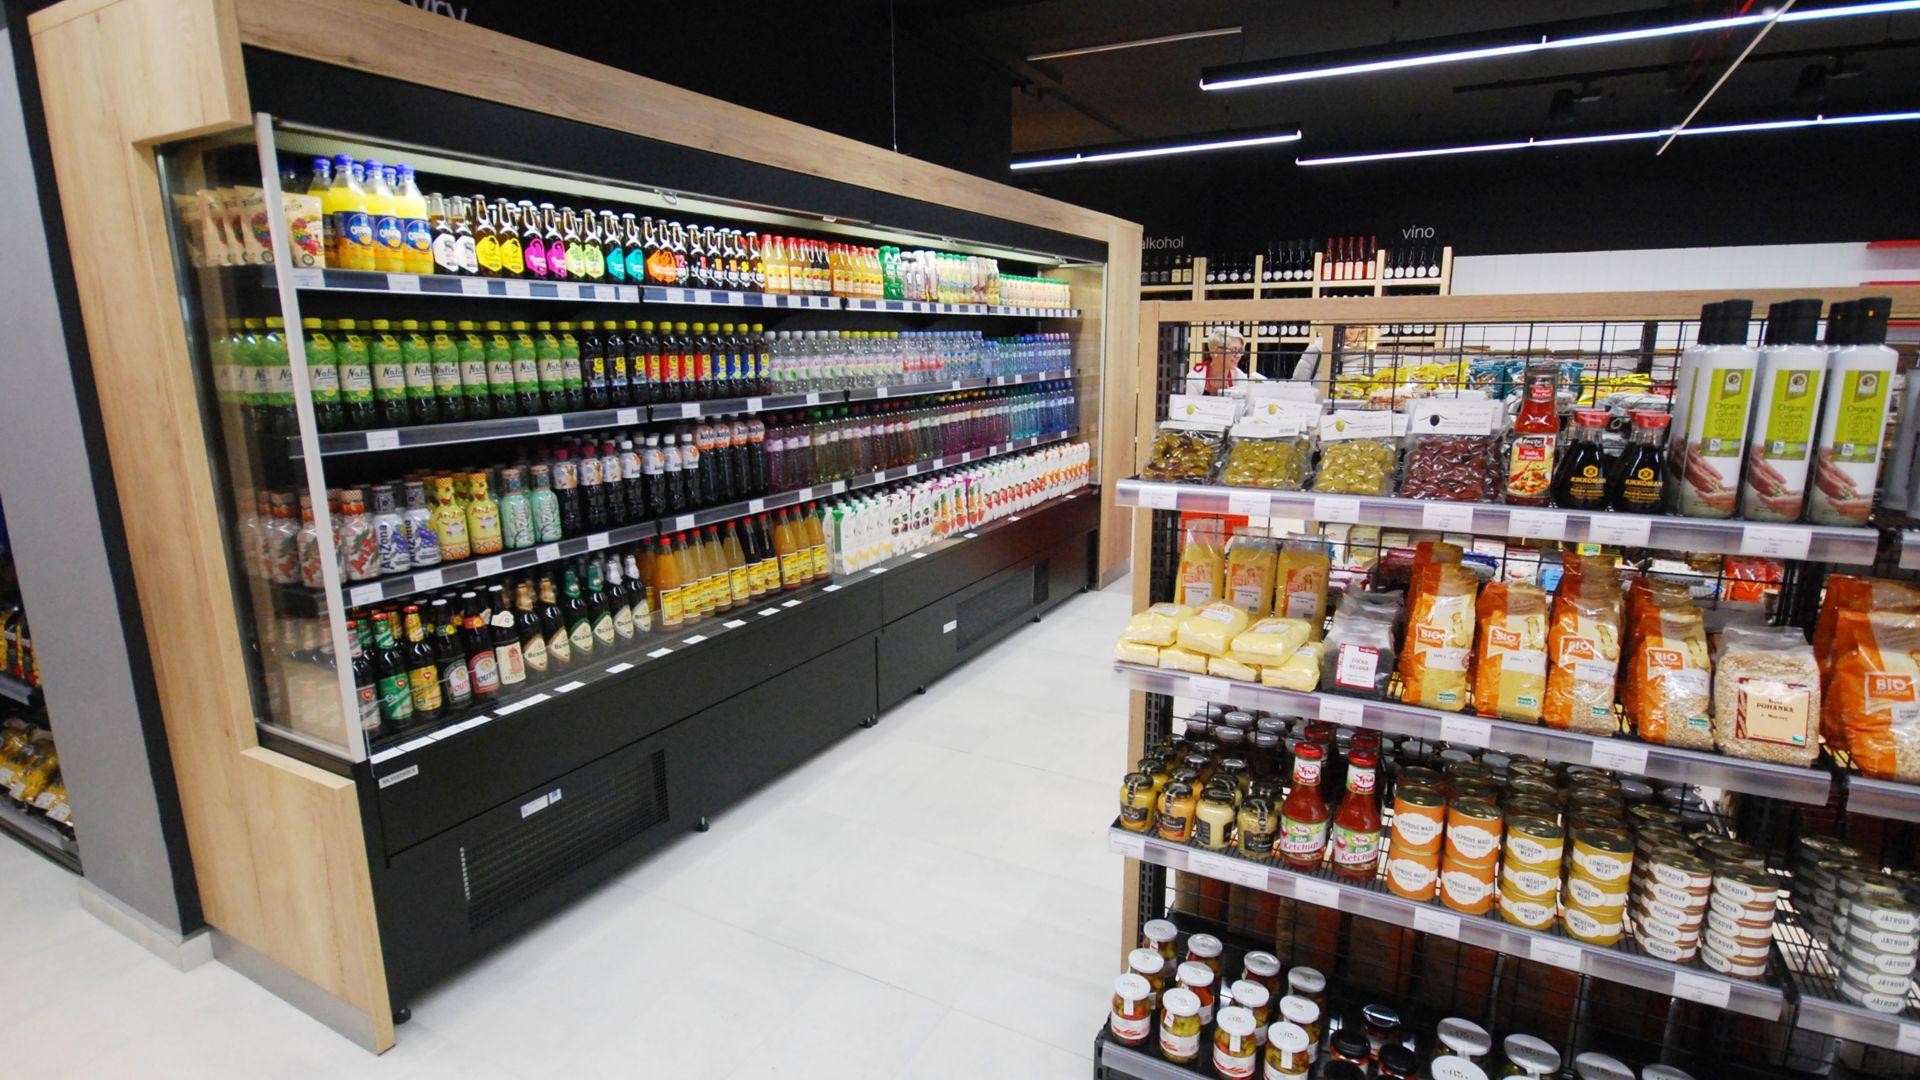 FESCHU Family Food Market realizace chladící vítrína